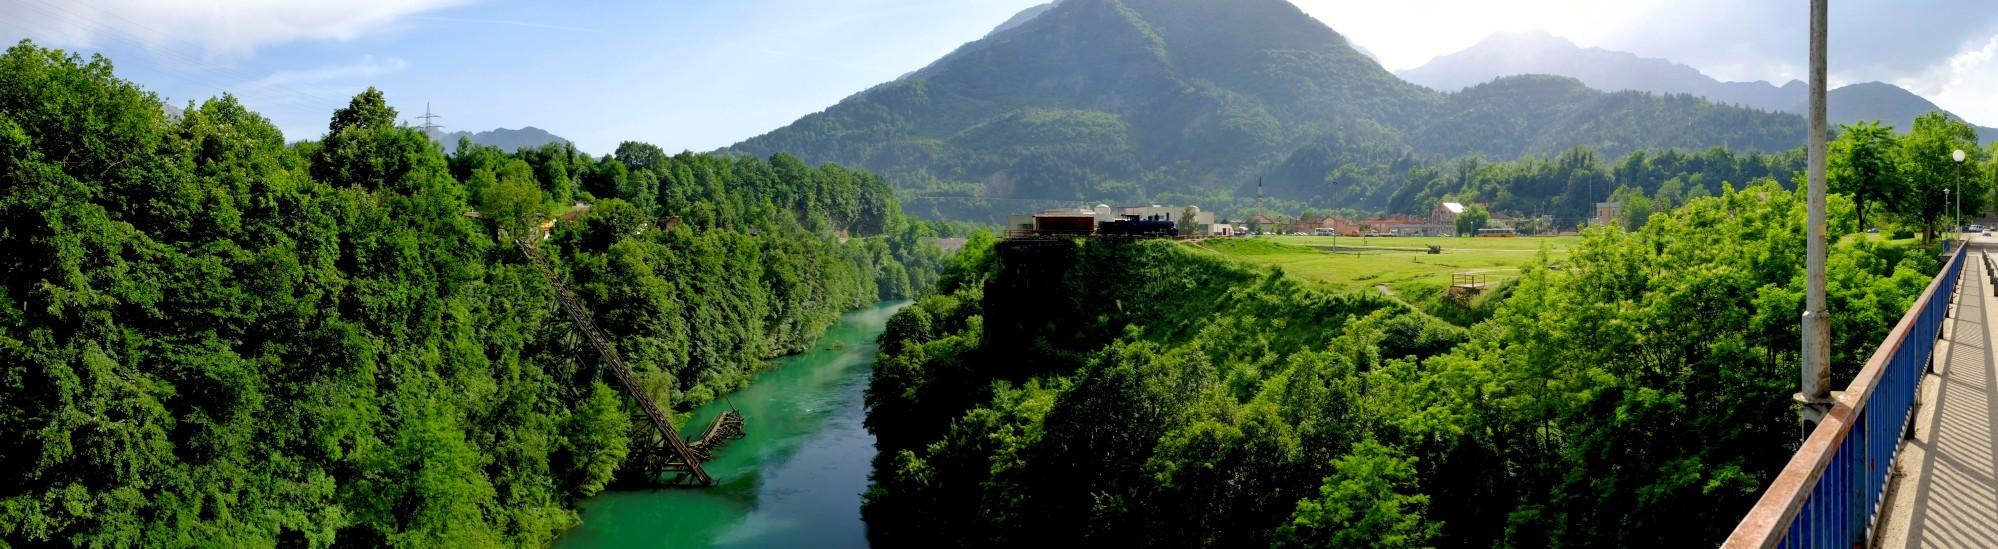 Jablanica jest pięknie położona